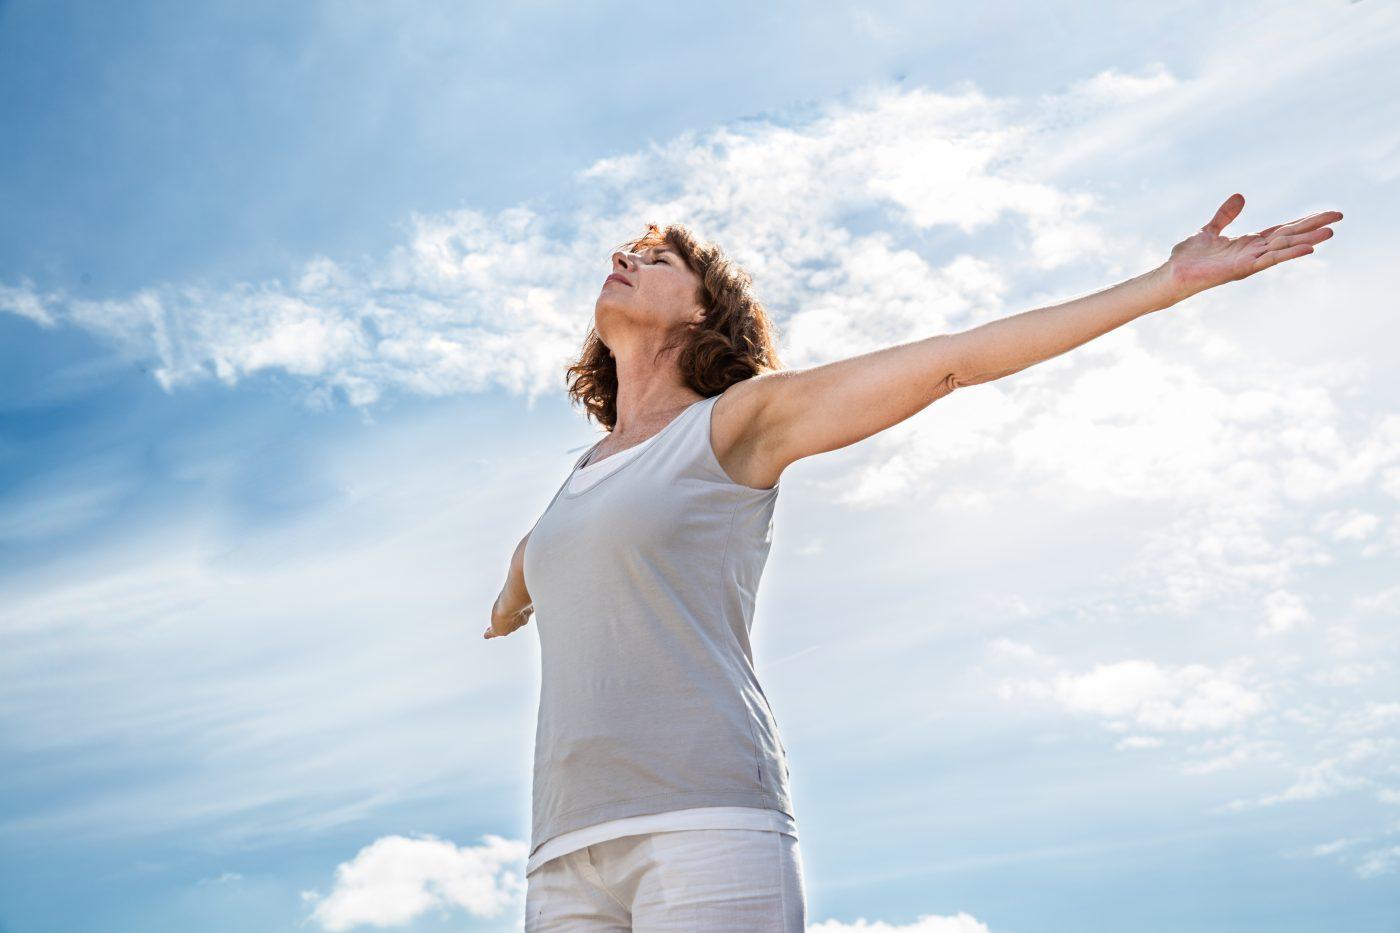 Vrouw haalt diep adem met uitgestrekte armen